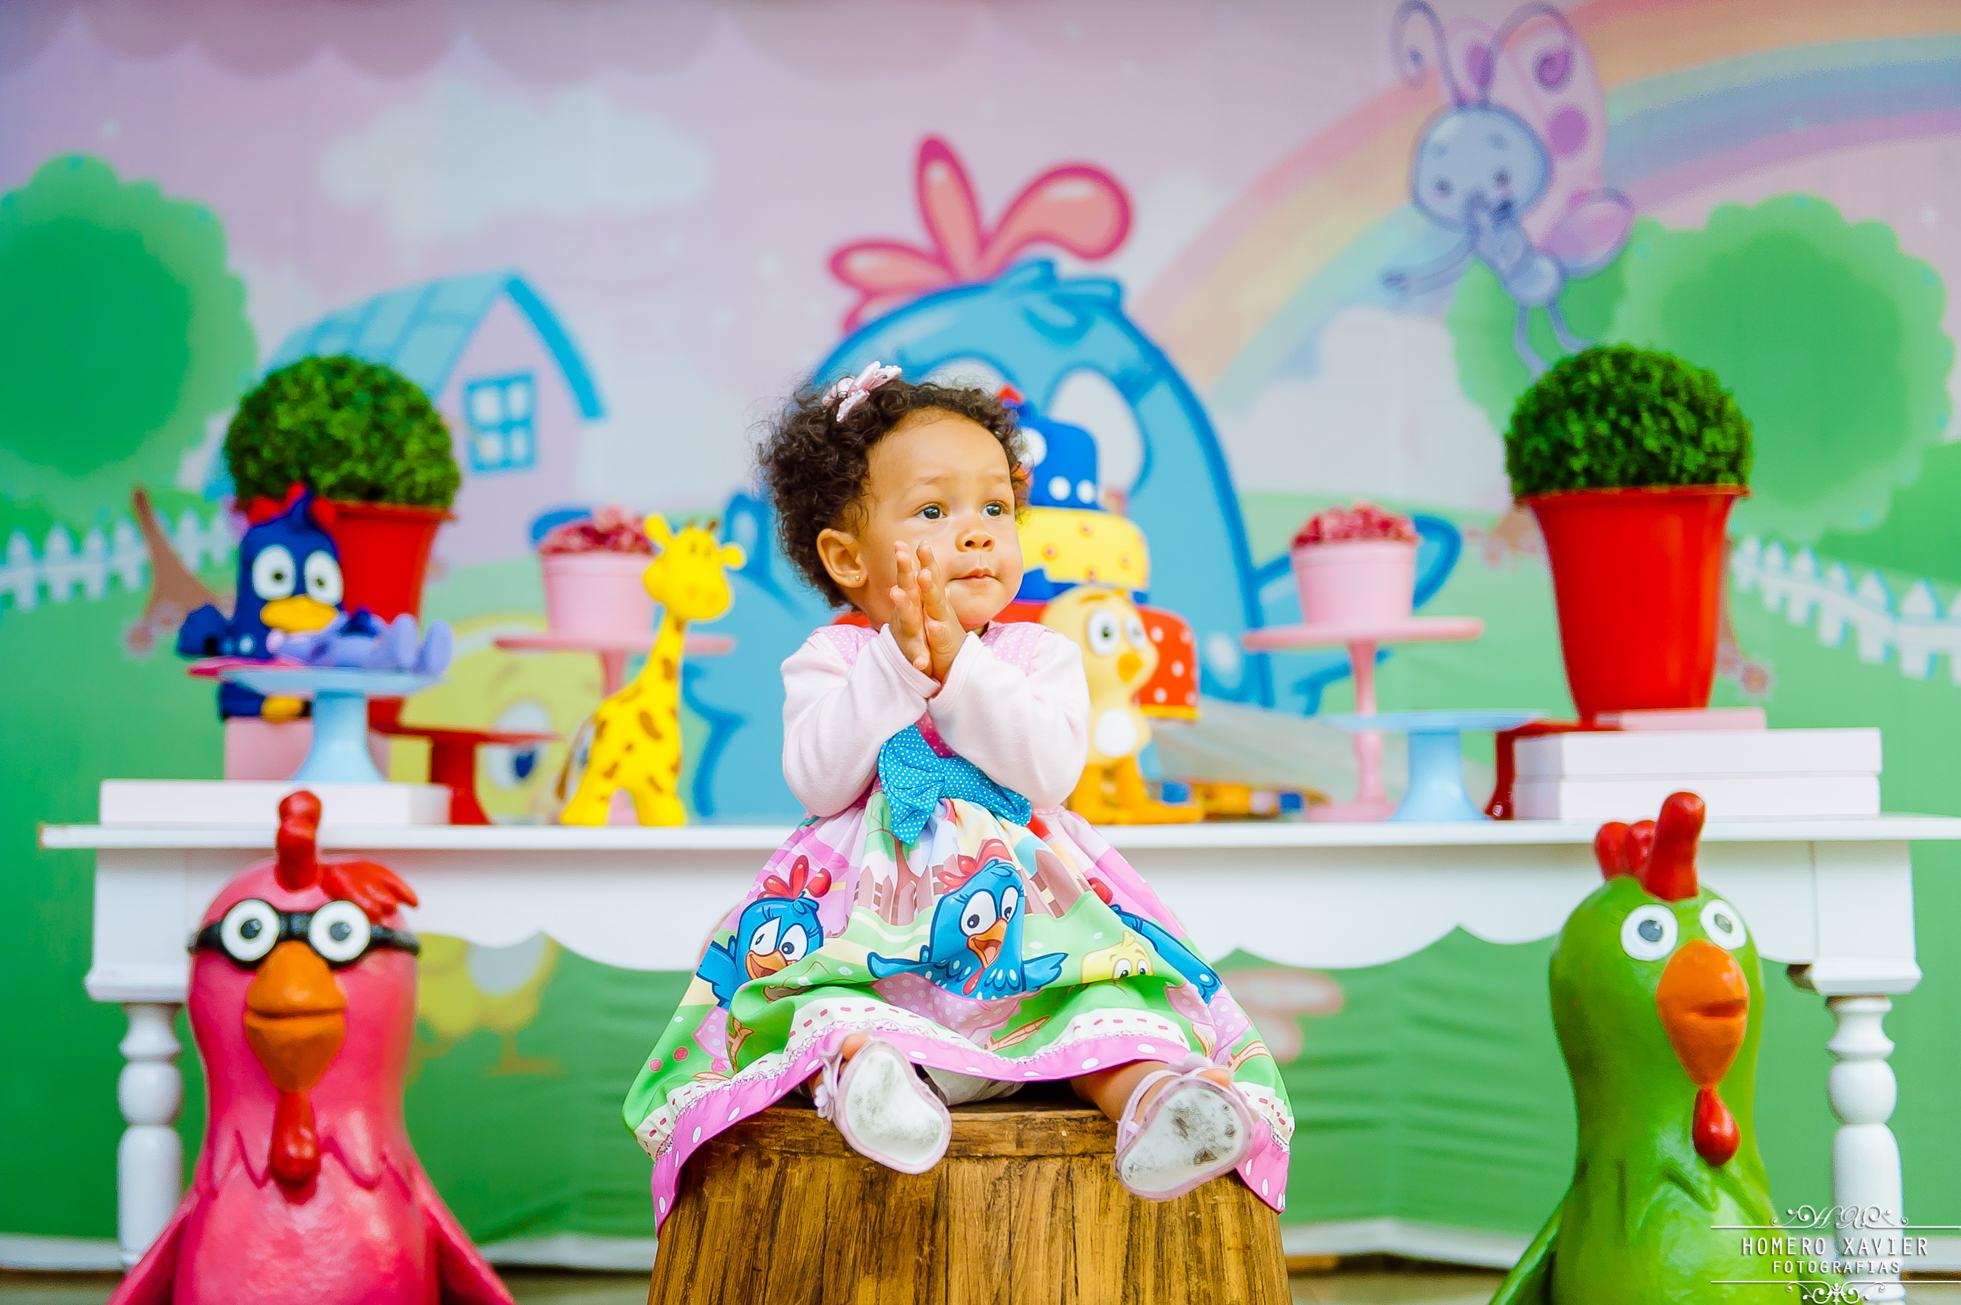 foto festa infantil galinha pintadinha Villa encantada BH